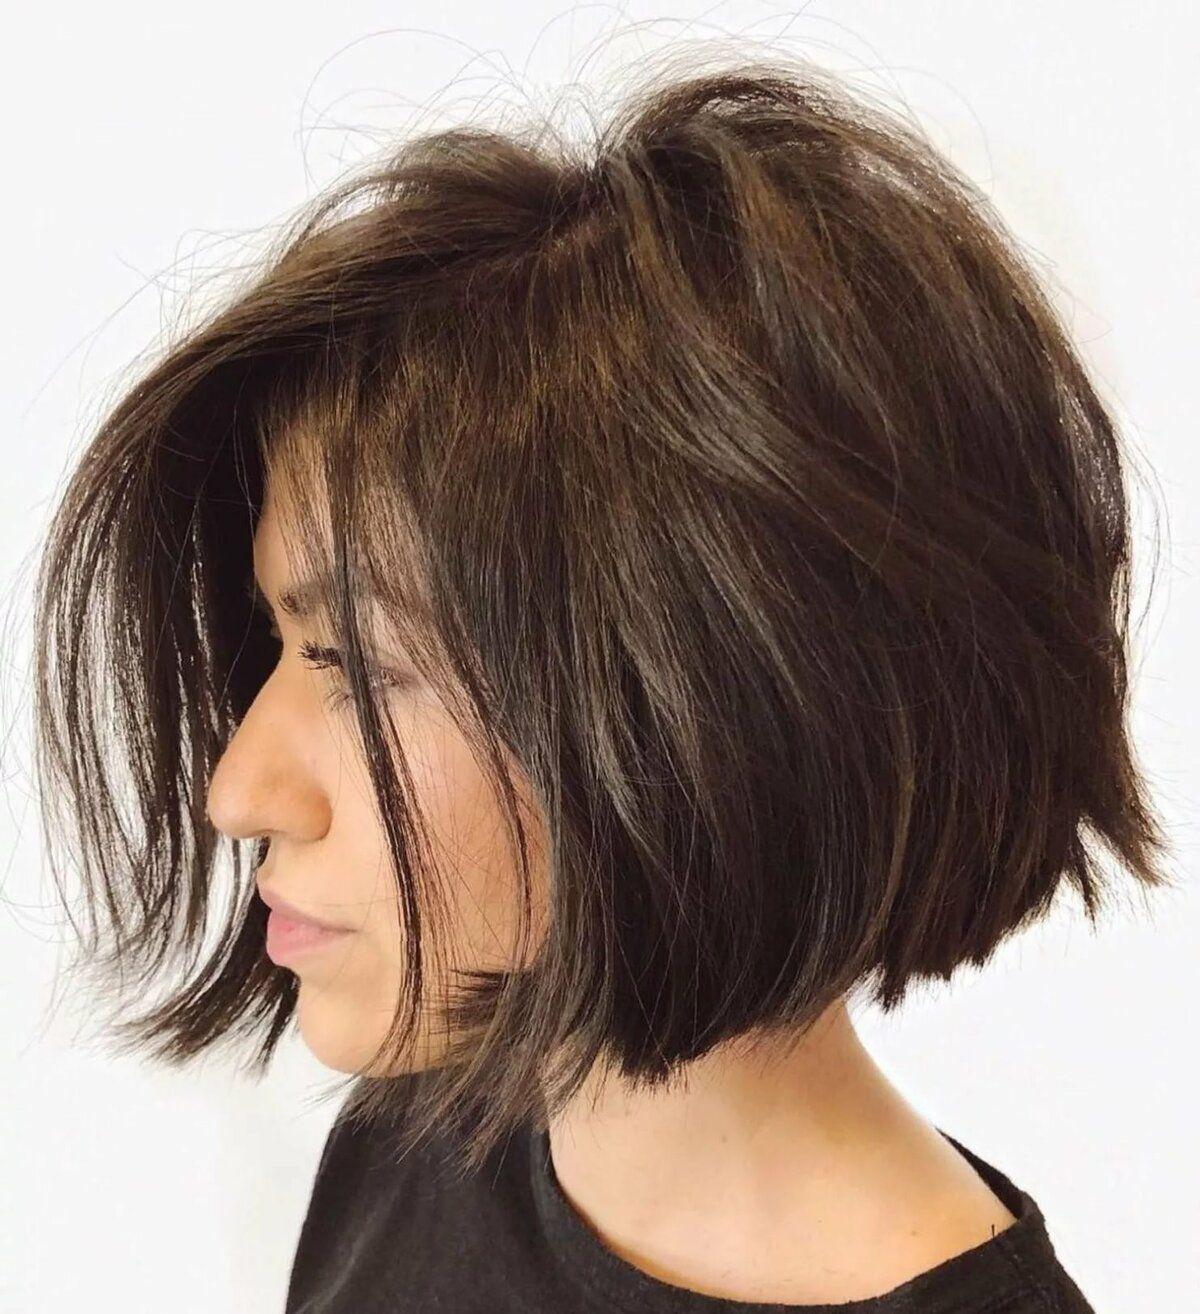 Bob coiffure courte pour les femmes 2020 2021